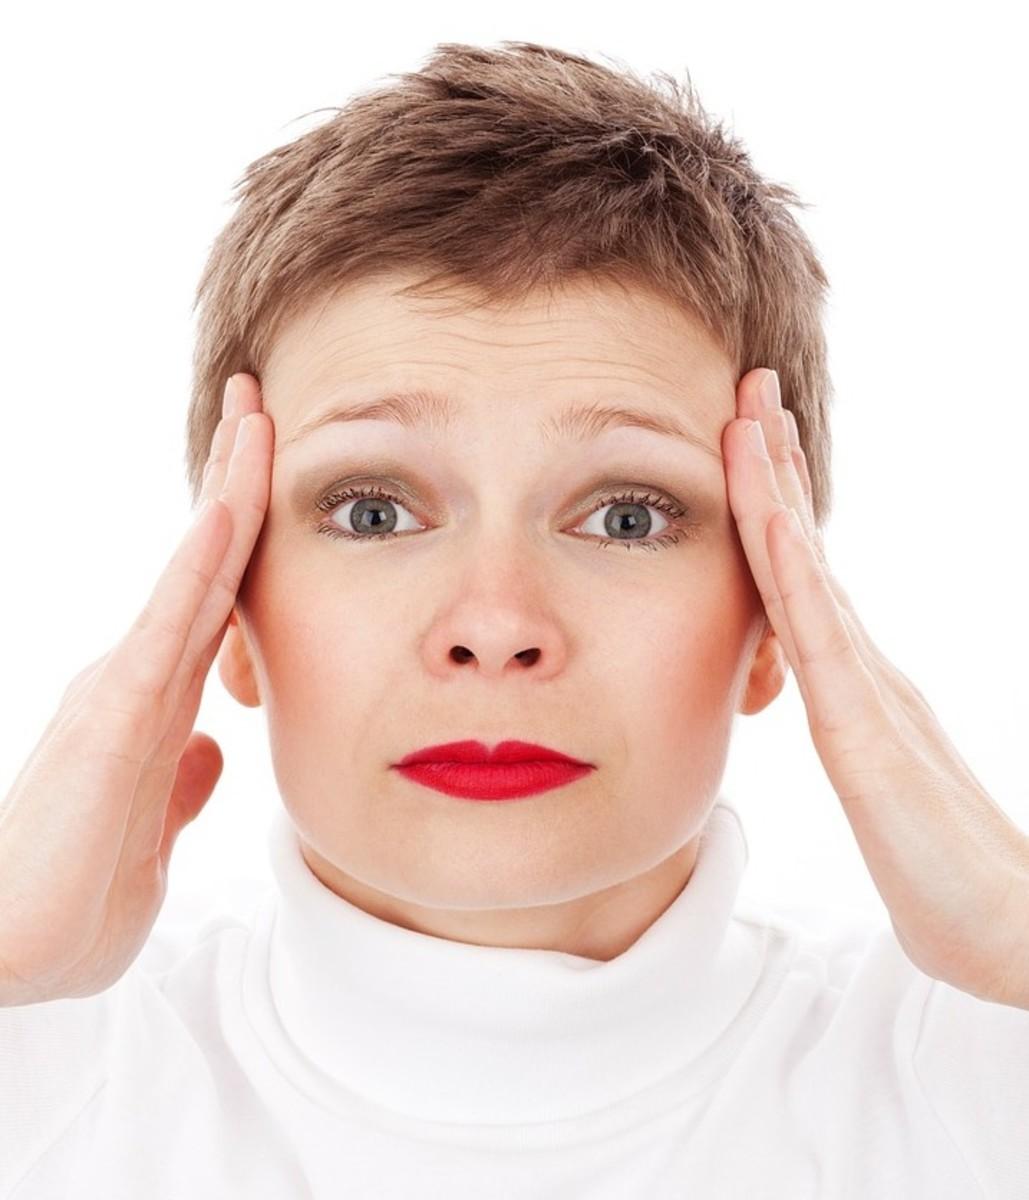 Картинки по запросу Migraine Symptoms